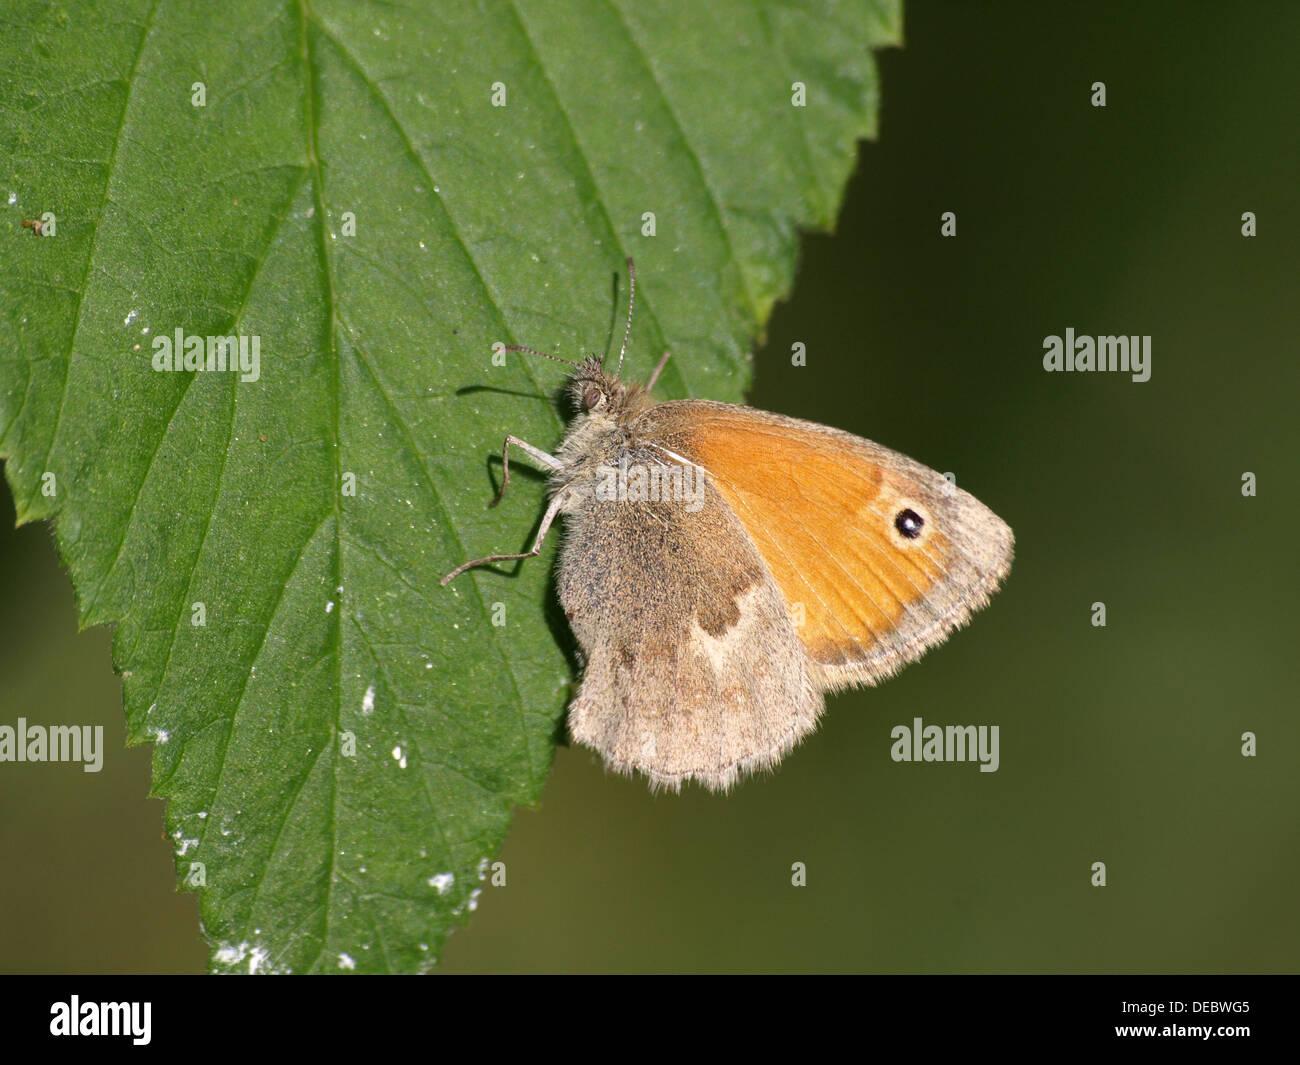 Small heath / Coenonympha pamphilus / Kleiner Heufalter, Kleines Wiesenvögelchen - Stock Image